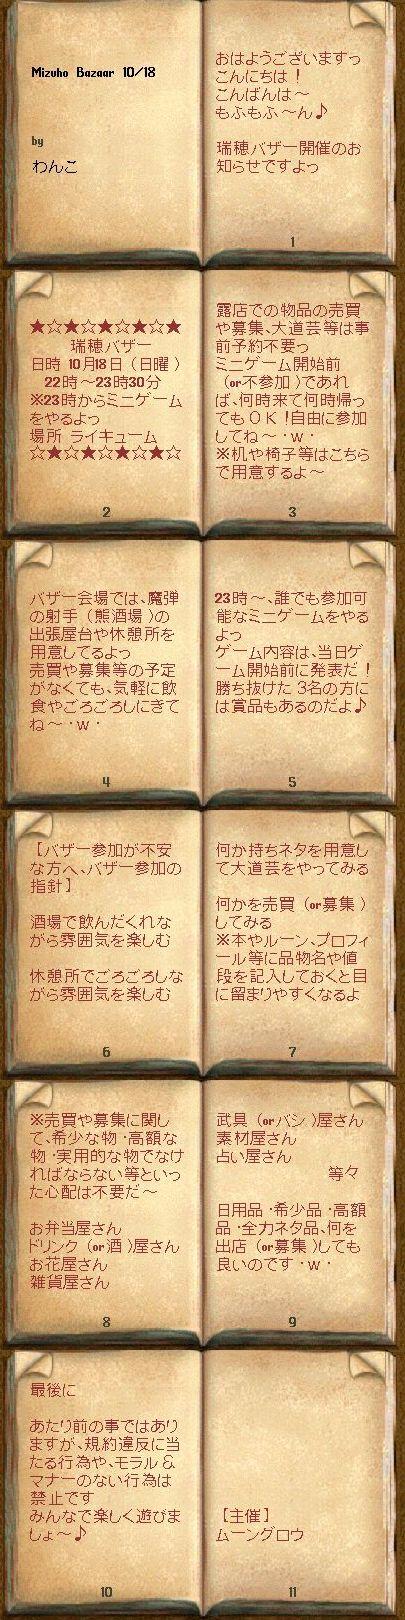 10/18(日)「瑞穂バザー in ライキューム」開催のお知らせ(...